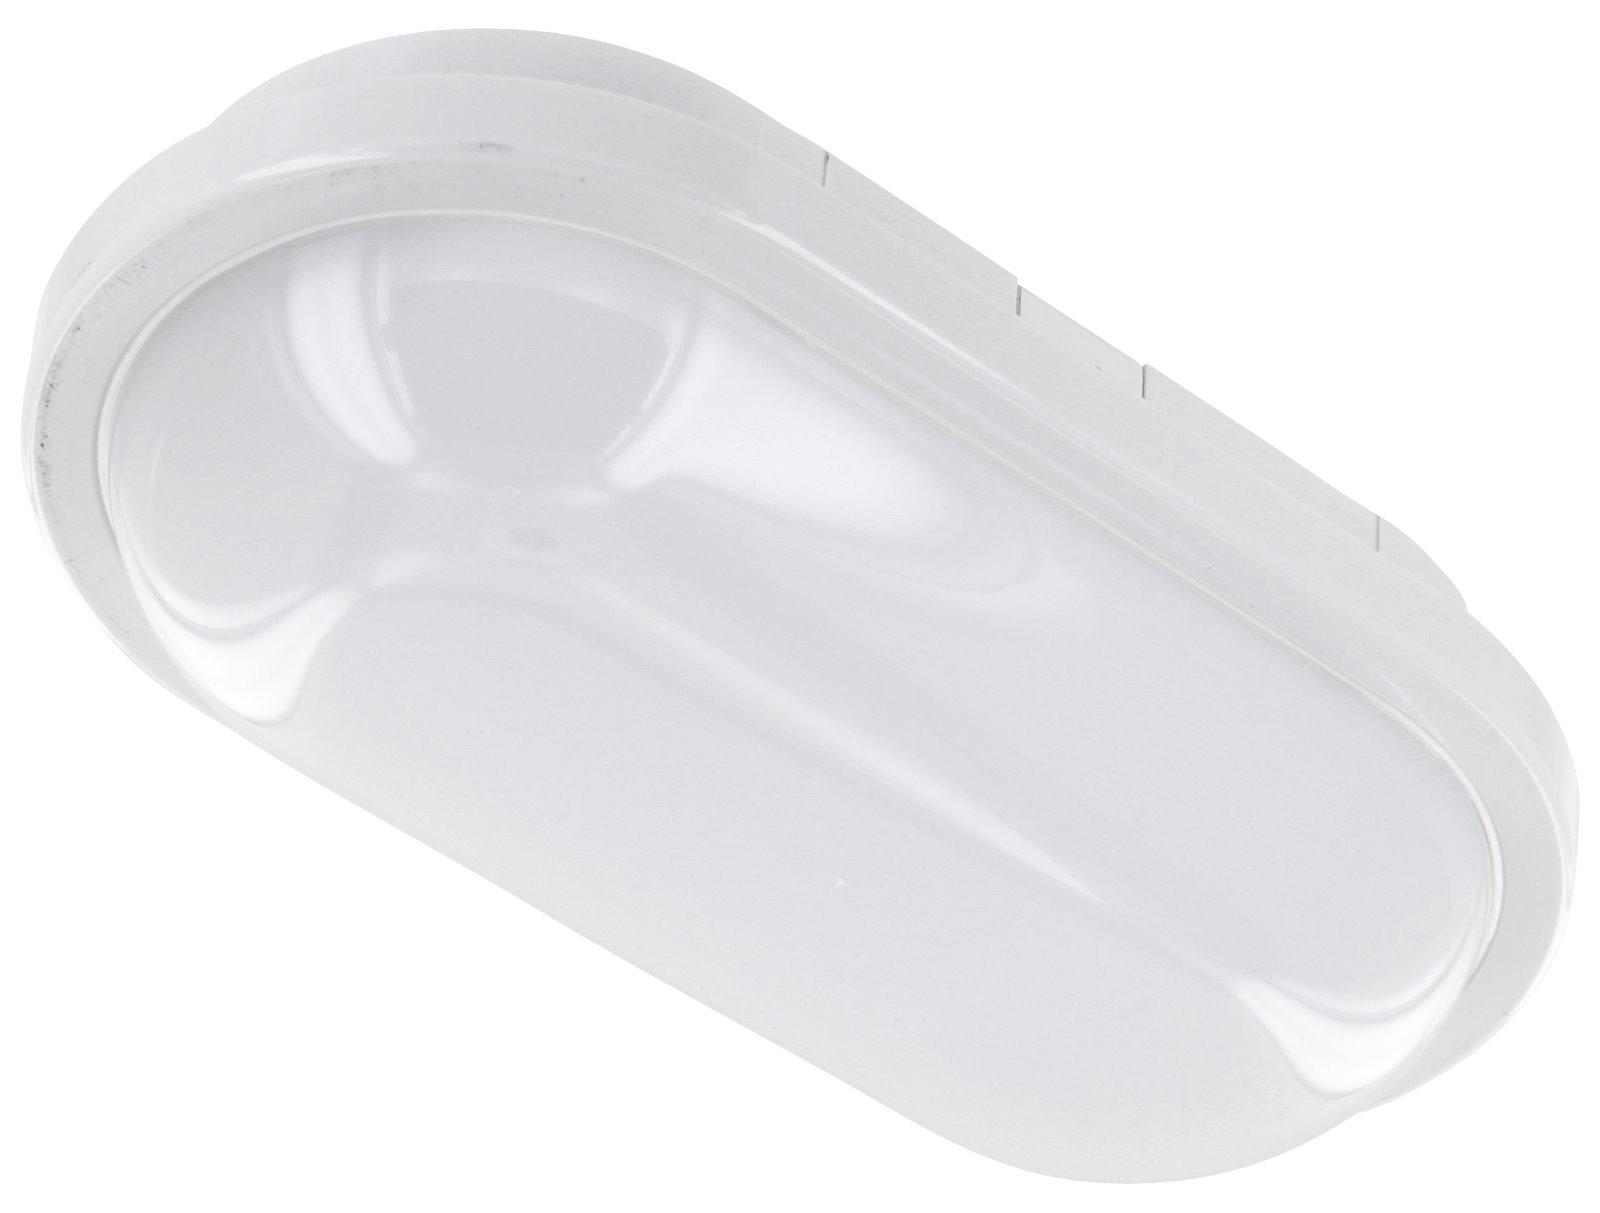 LED Deckenleuchte 15W IP65 warmweiß - oval